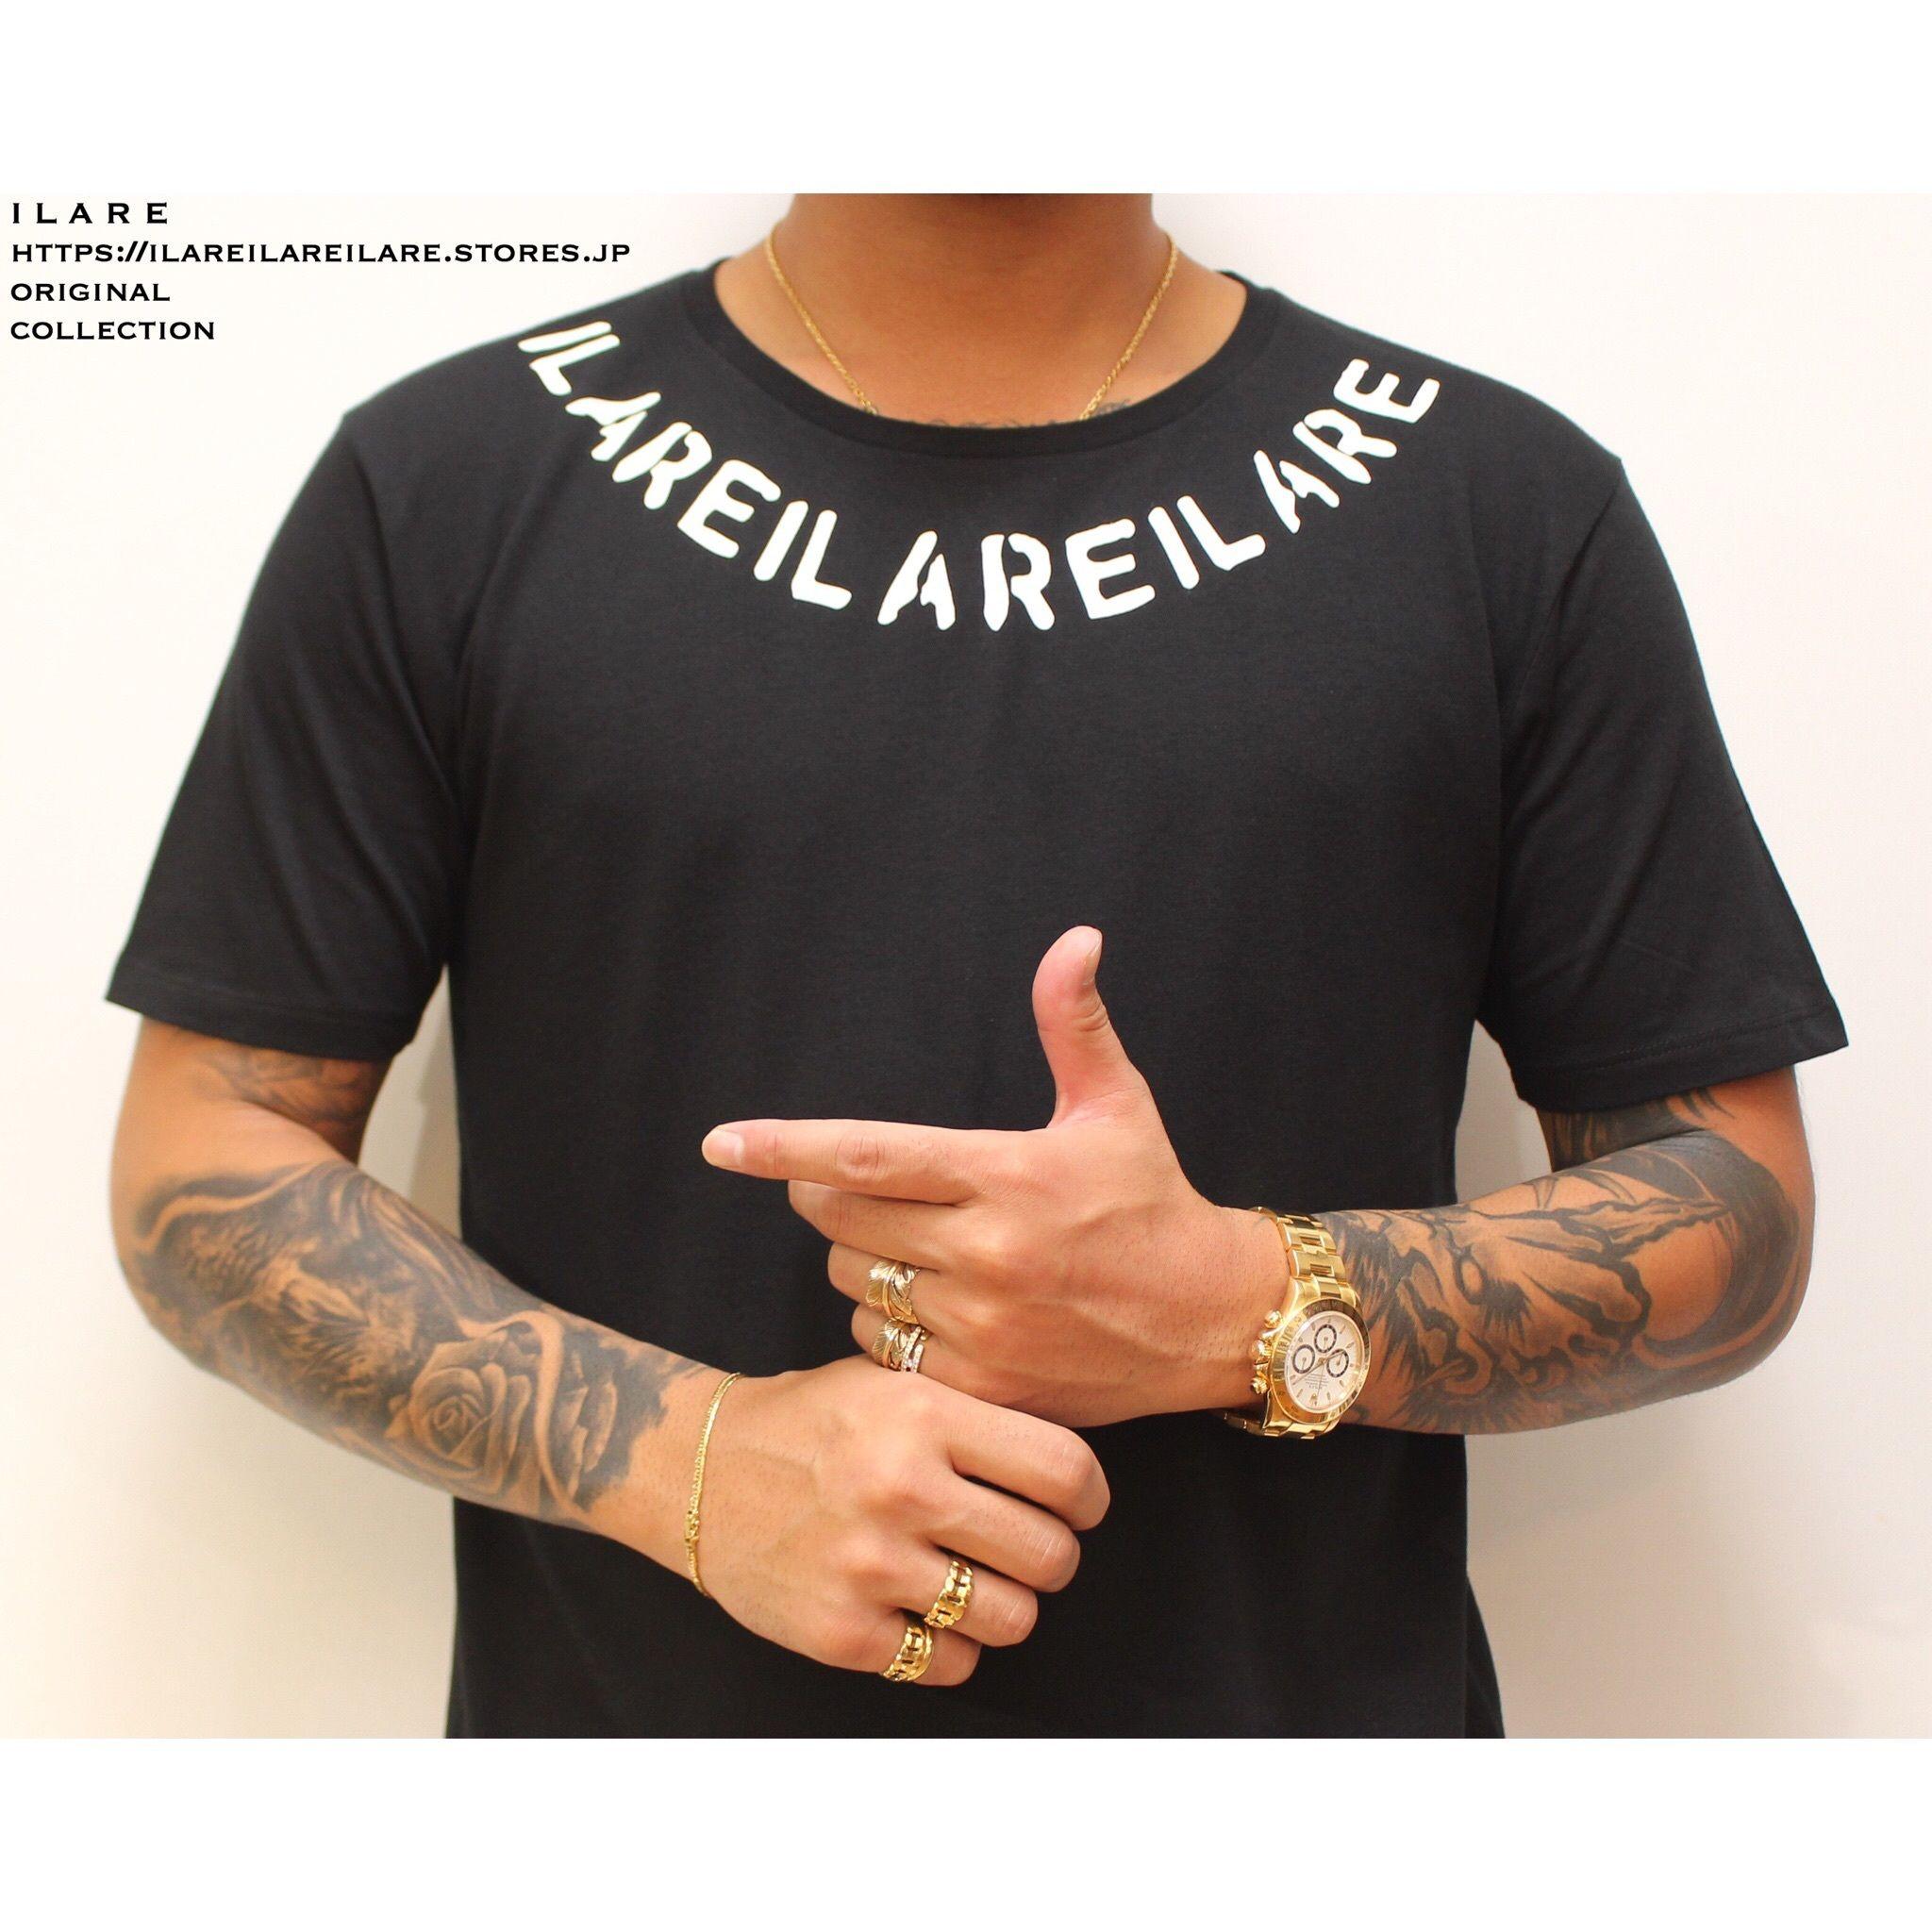 ILAREネックレスロゴティーシャツ/ブラック